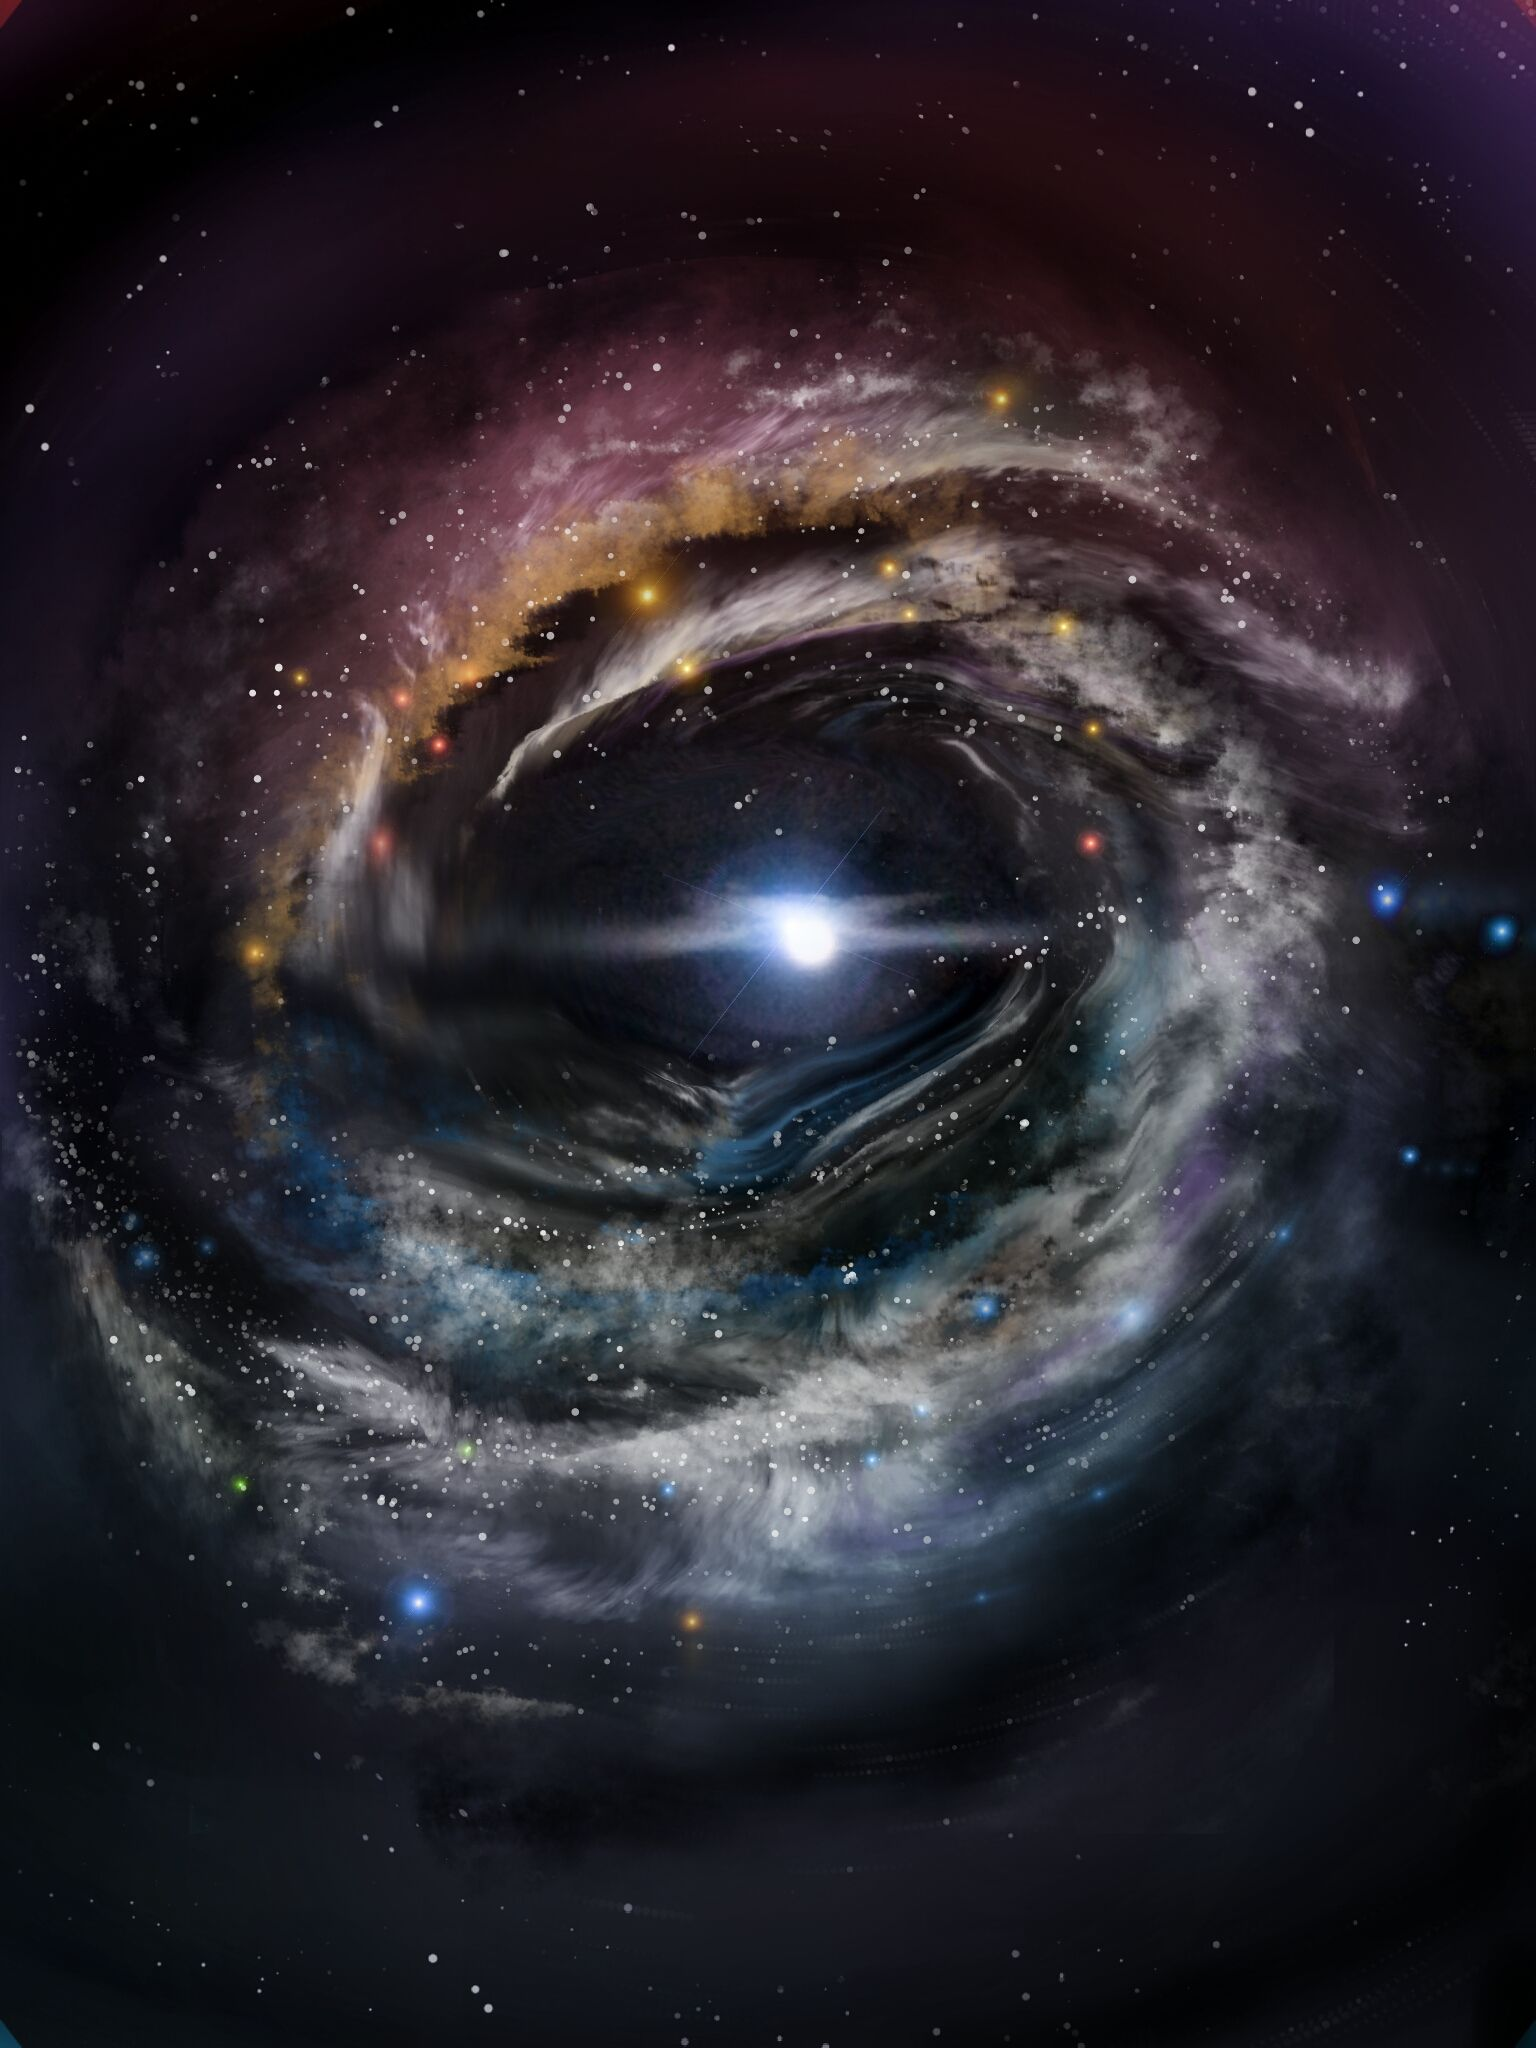 идеальное бесконечный космос картинки придают